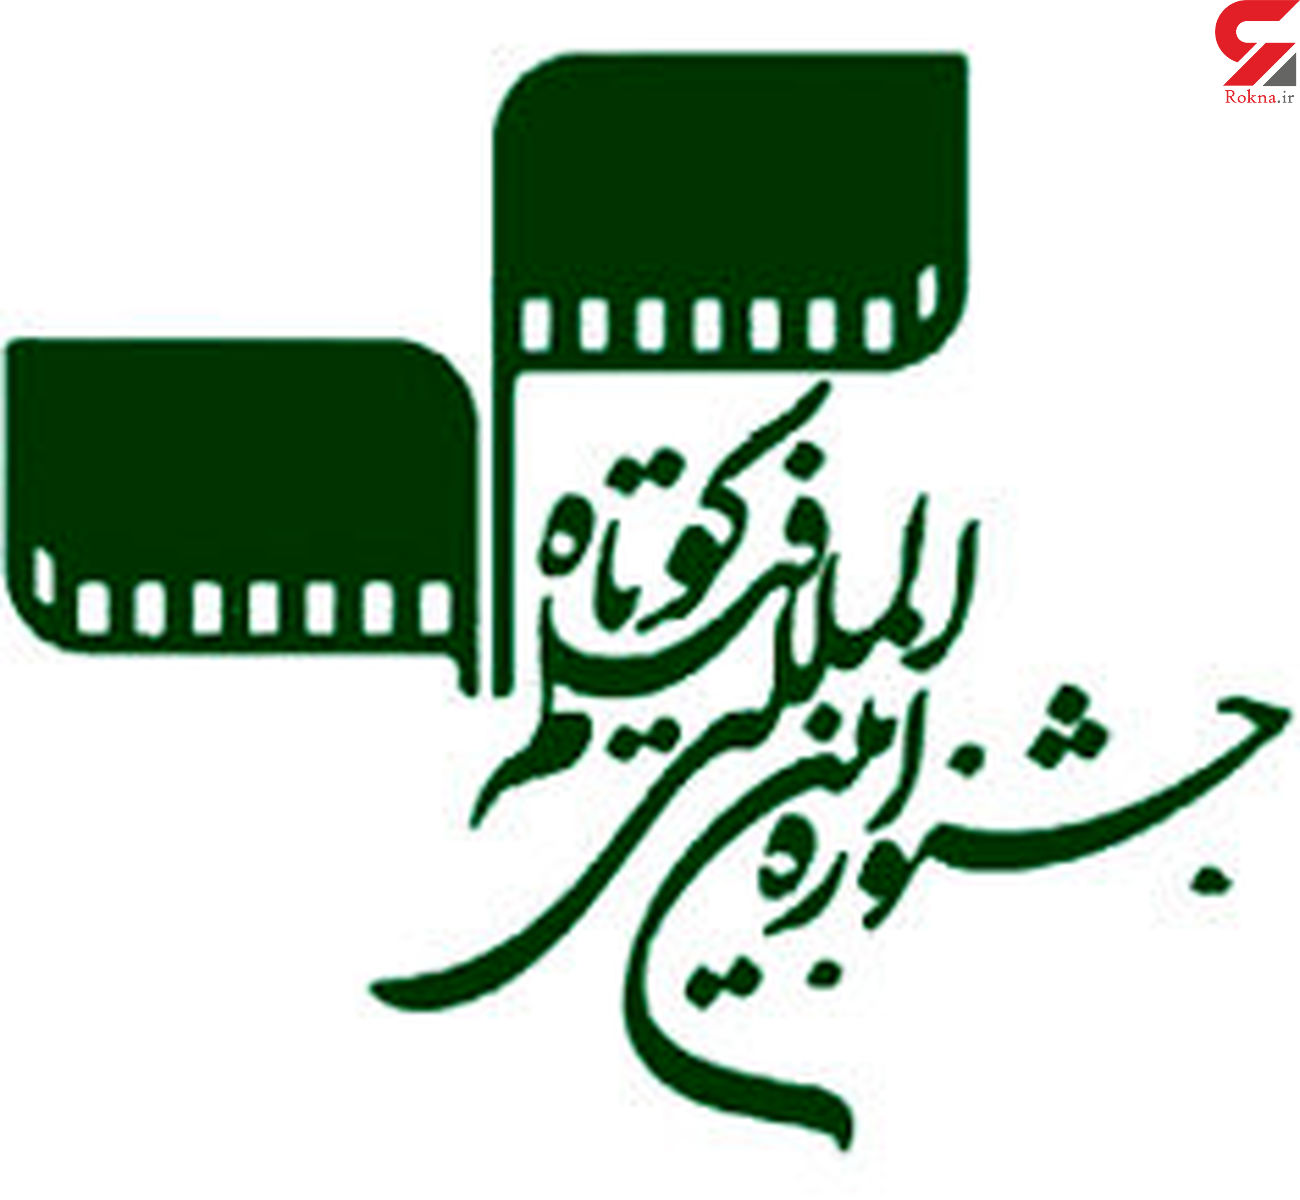 جشنواره فیلم کوتاه تهران در دوران کرونا چگونه برگزار می شود؟